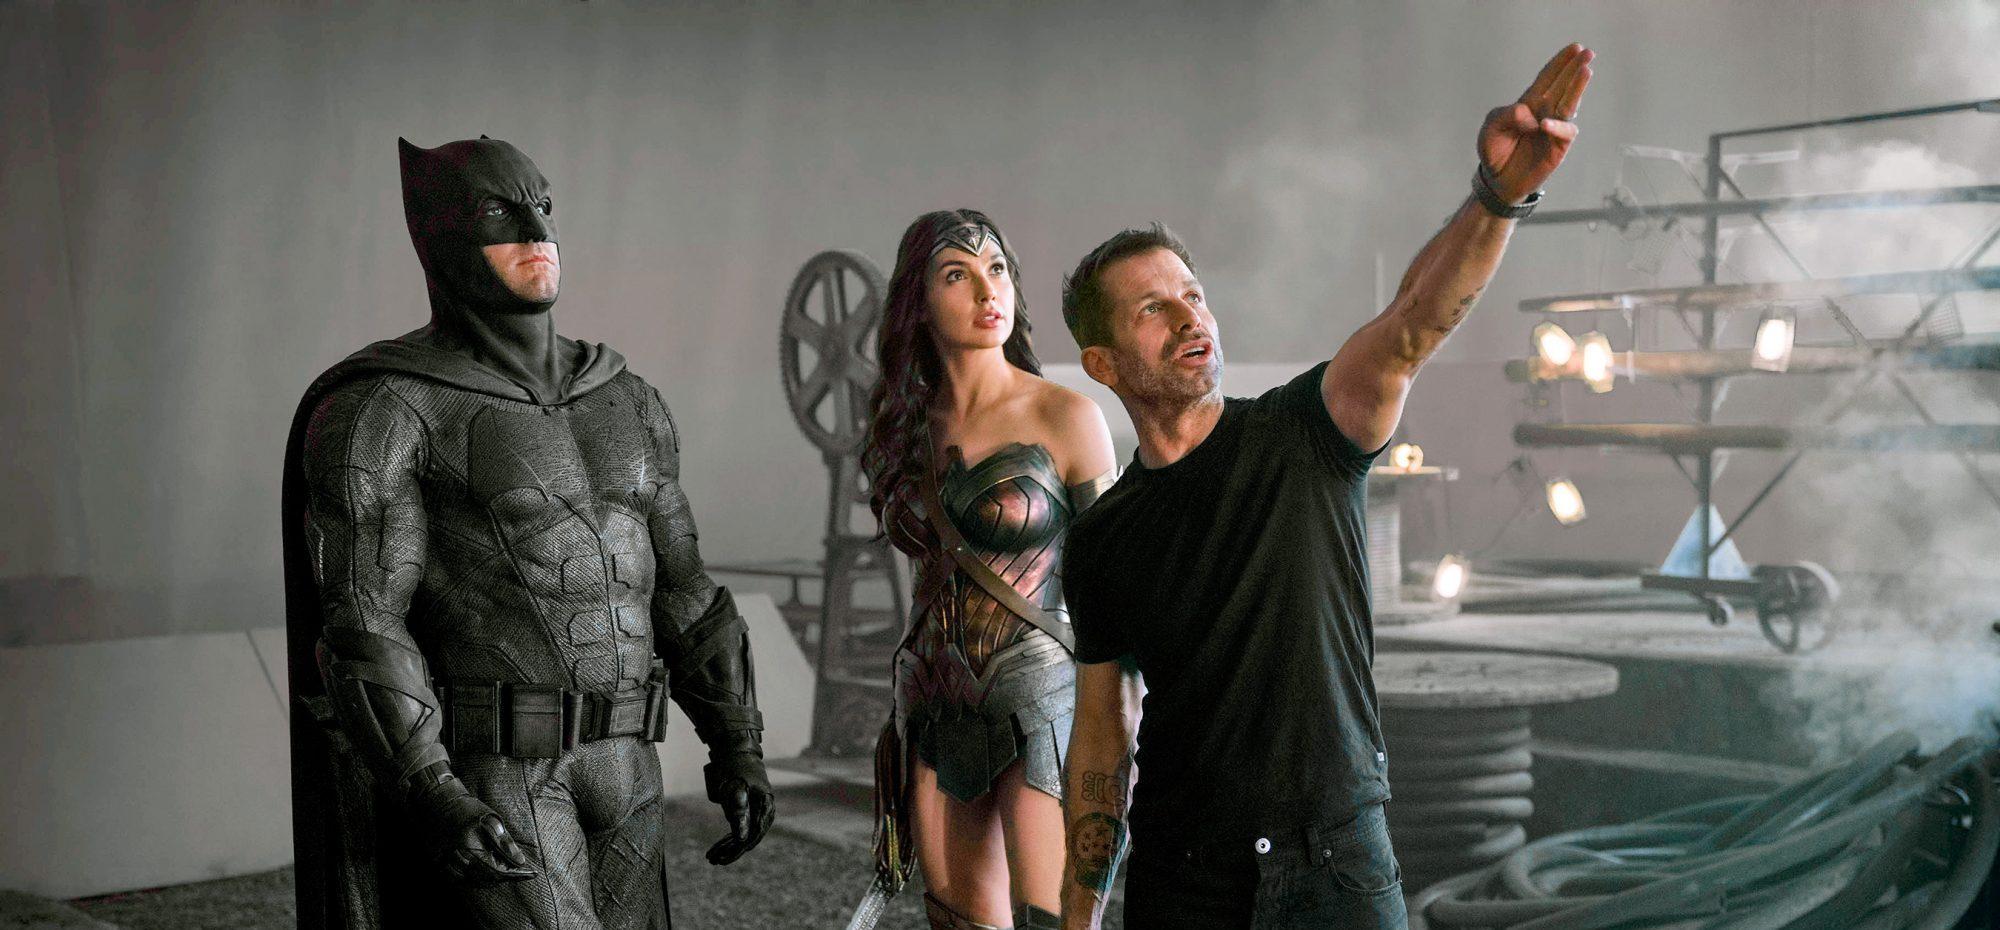 Đạo diễn Zack Snyder tiết lộ bị hãng phim tra tấn suốt thời gian làm Justice League bản mới - Ảnh 1.